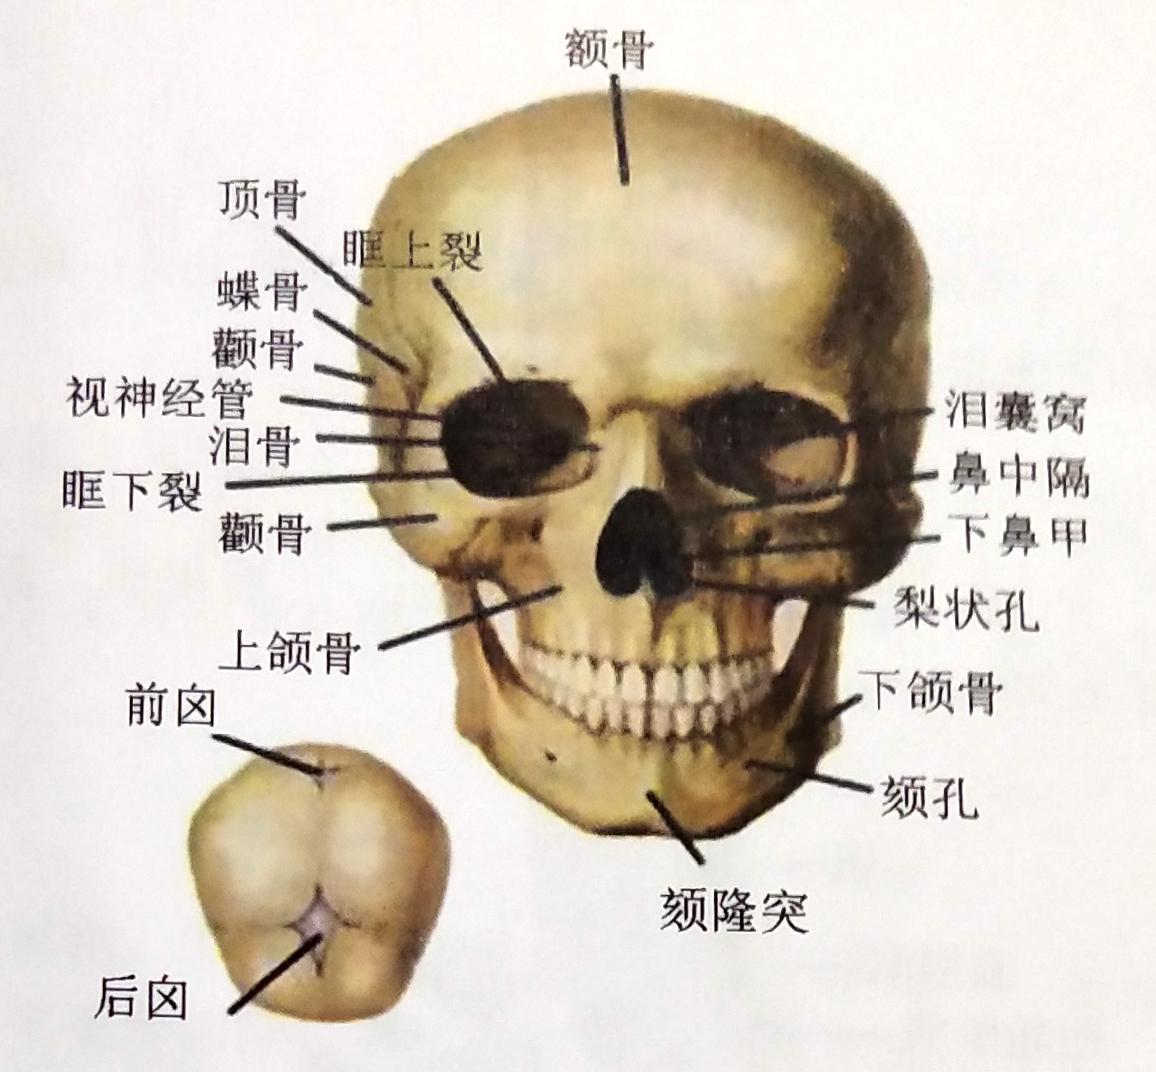 美发知识之骨骼与肌肉